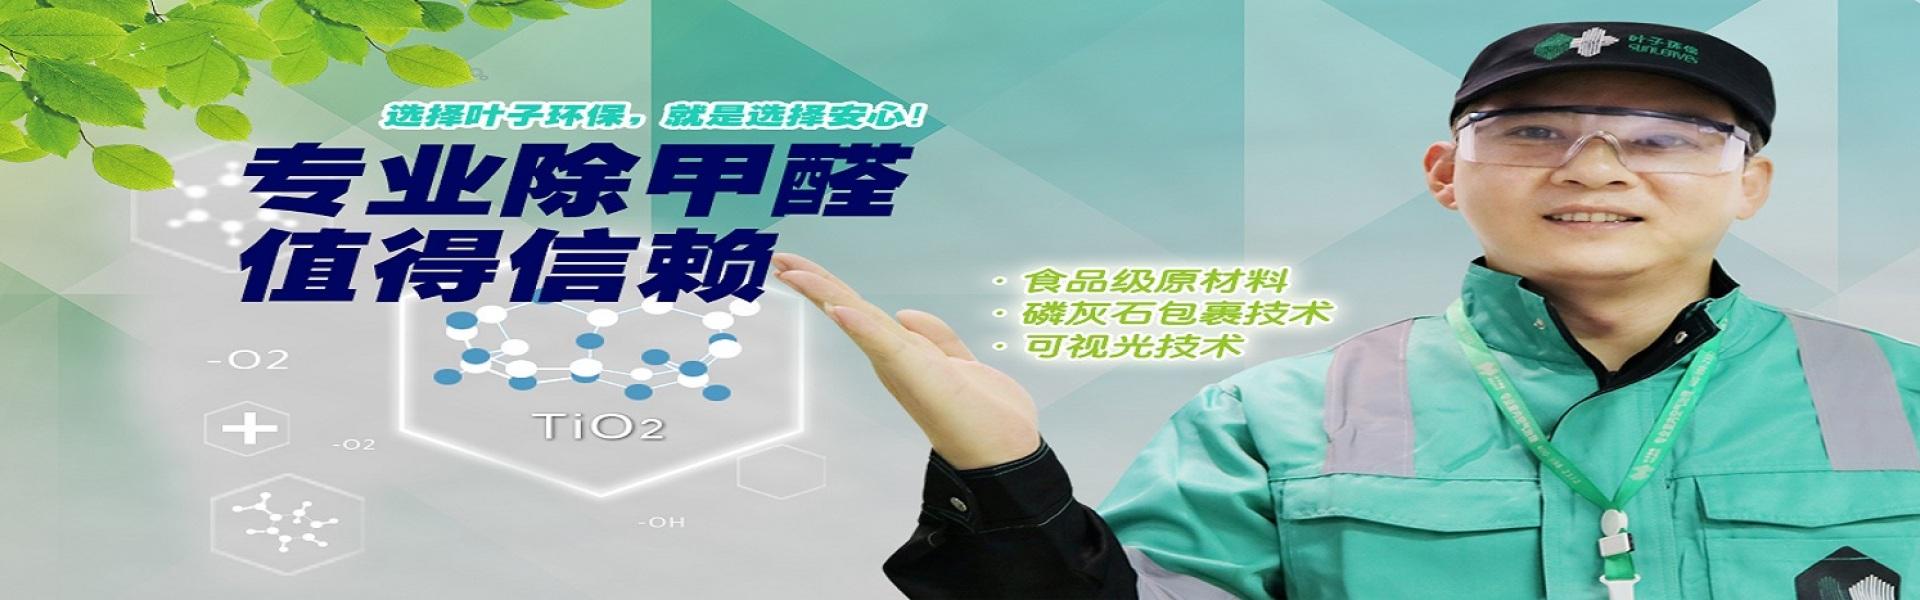 武汉除甲醛广告图